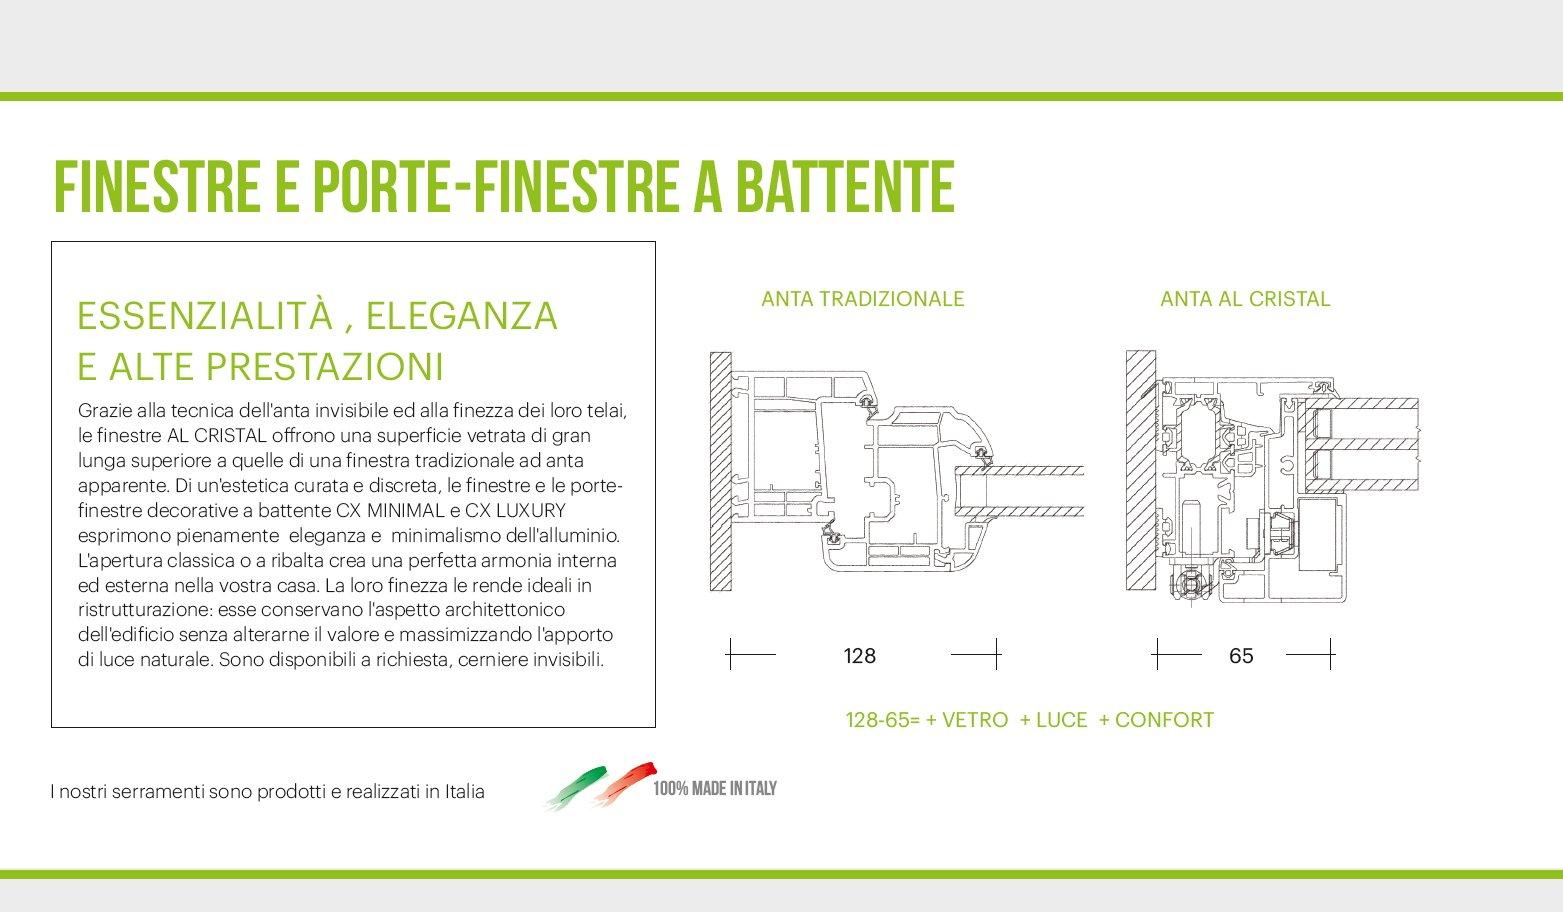 catalogo prodotti-FINESTRE E PORTE-FINESTRE A BATTENTE